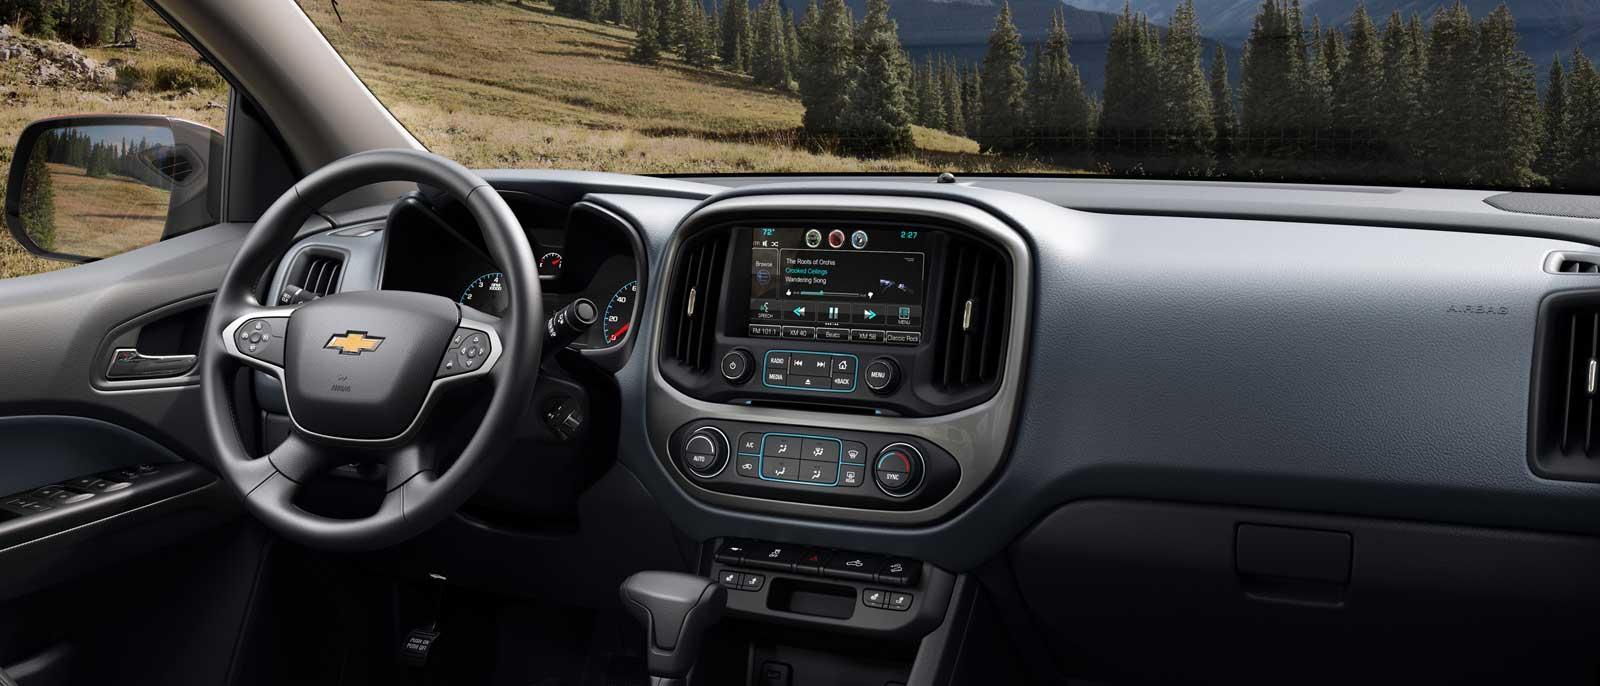 2016 Chevrolet Colorado interior